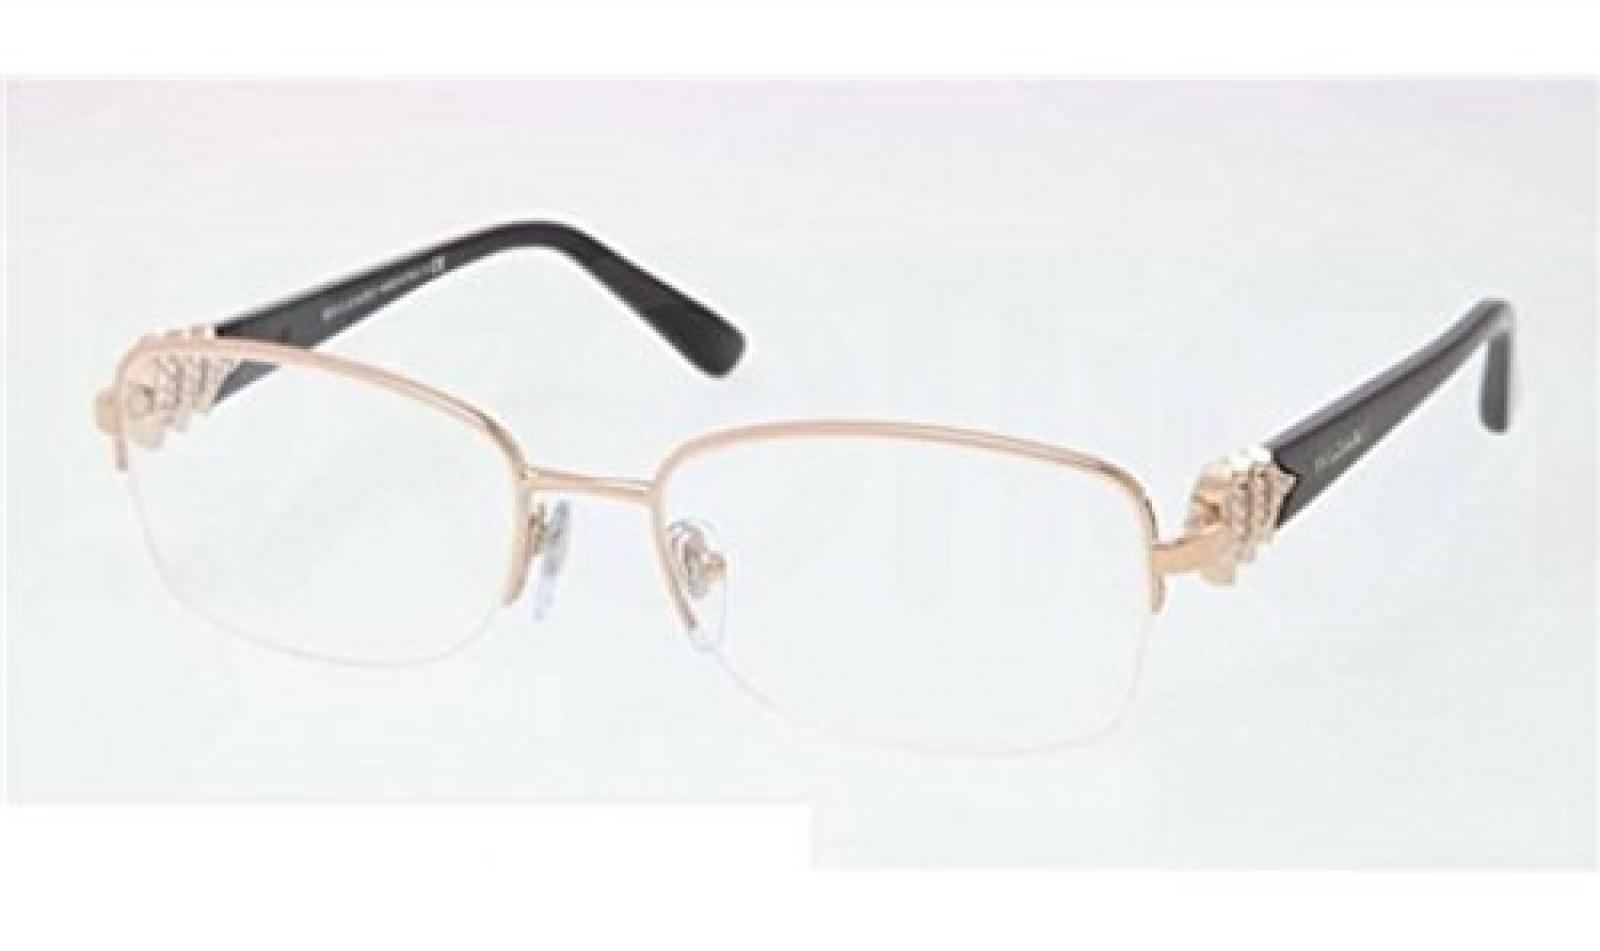 New Bvlgari BV 2162B 376/ Rose Gold Black Frame Men Women Rectangular Metal Eyeglasses